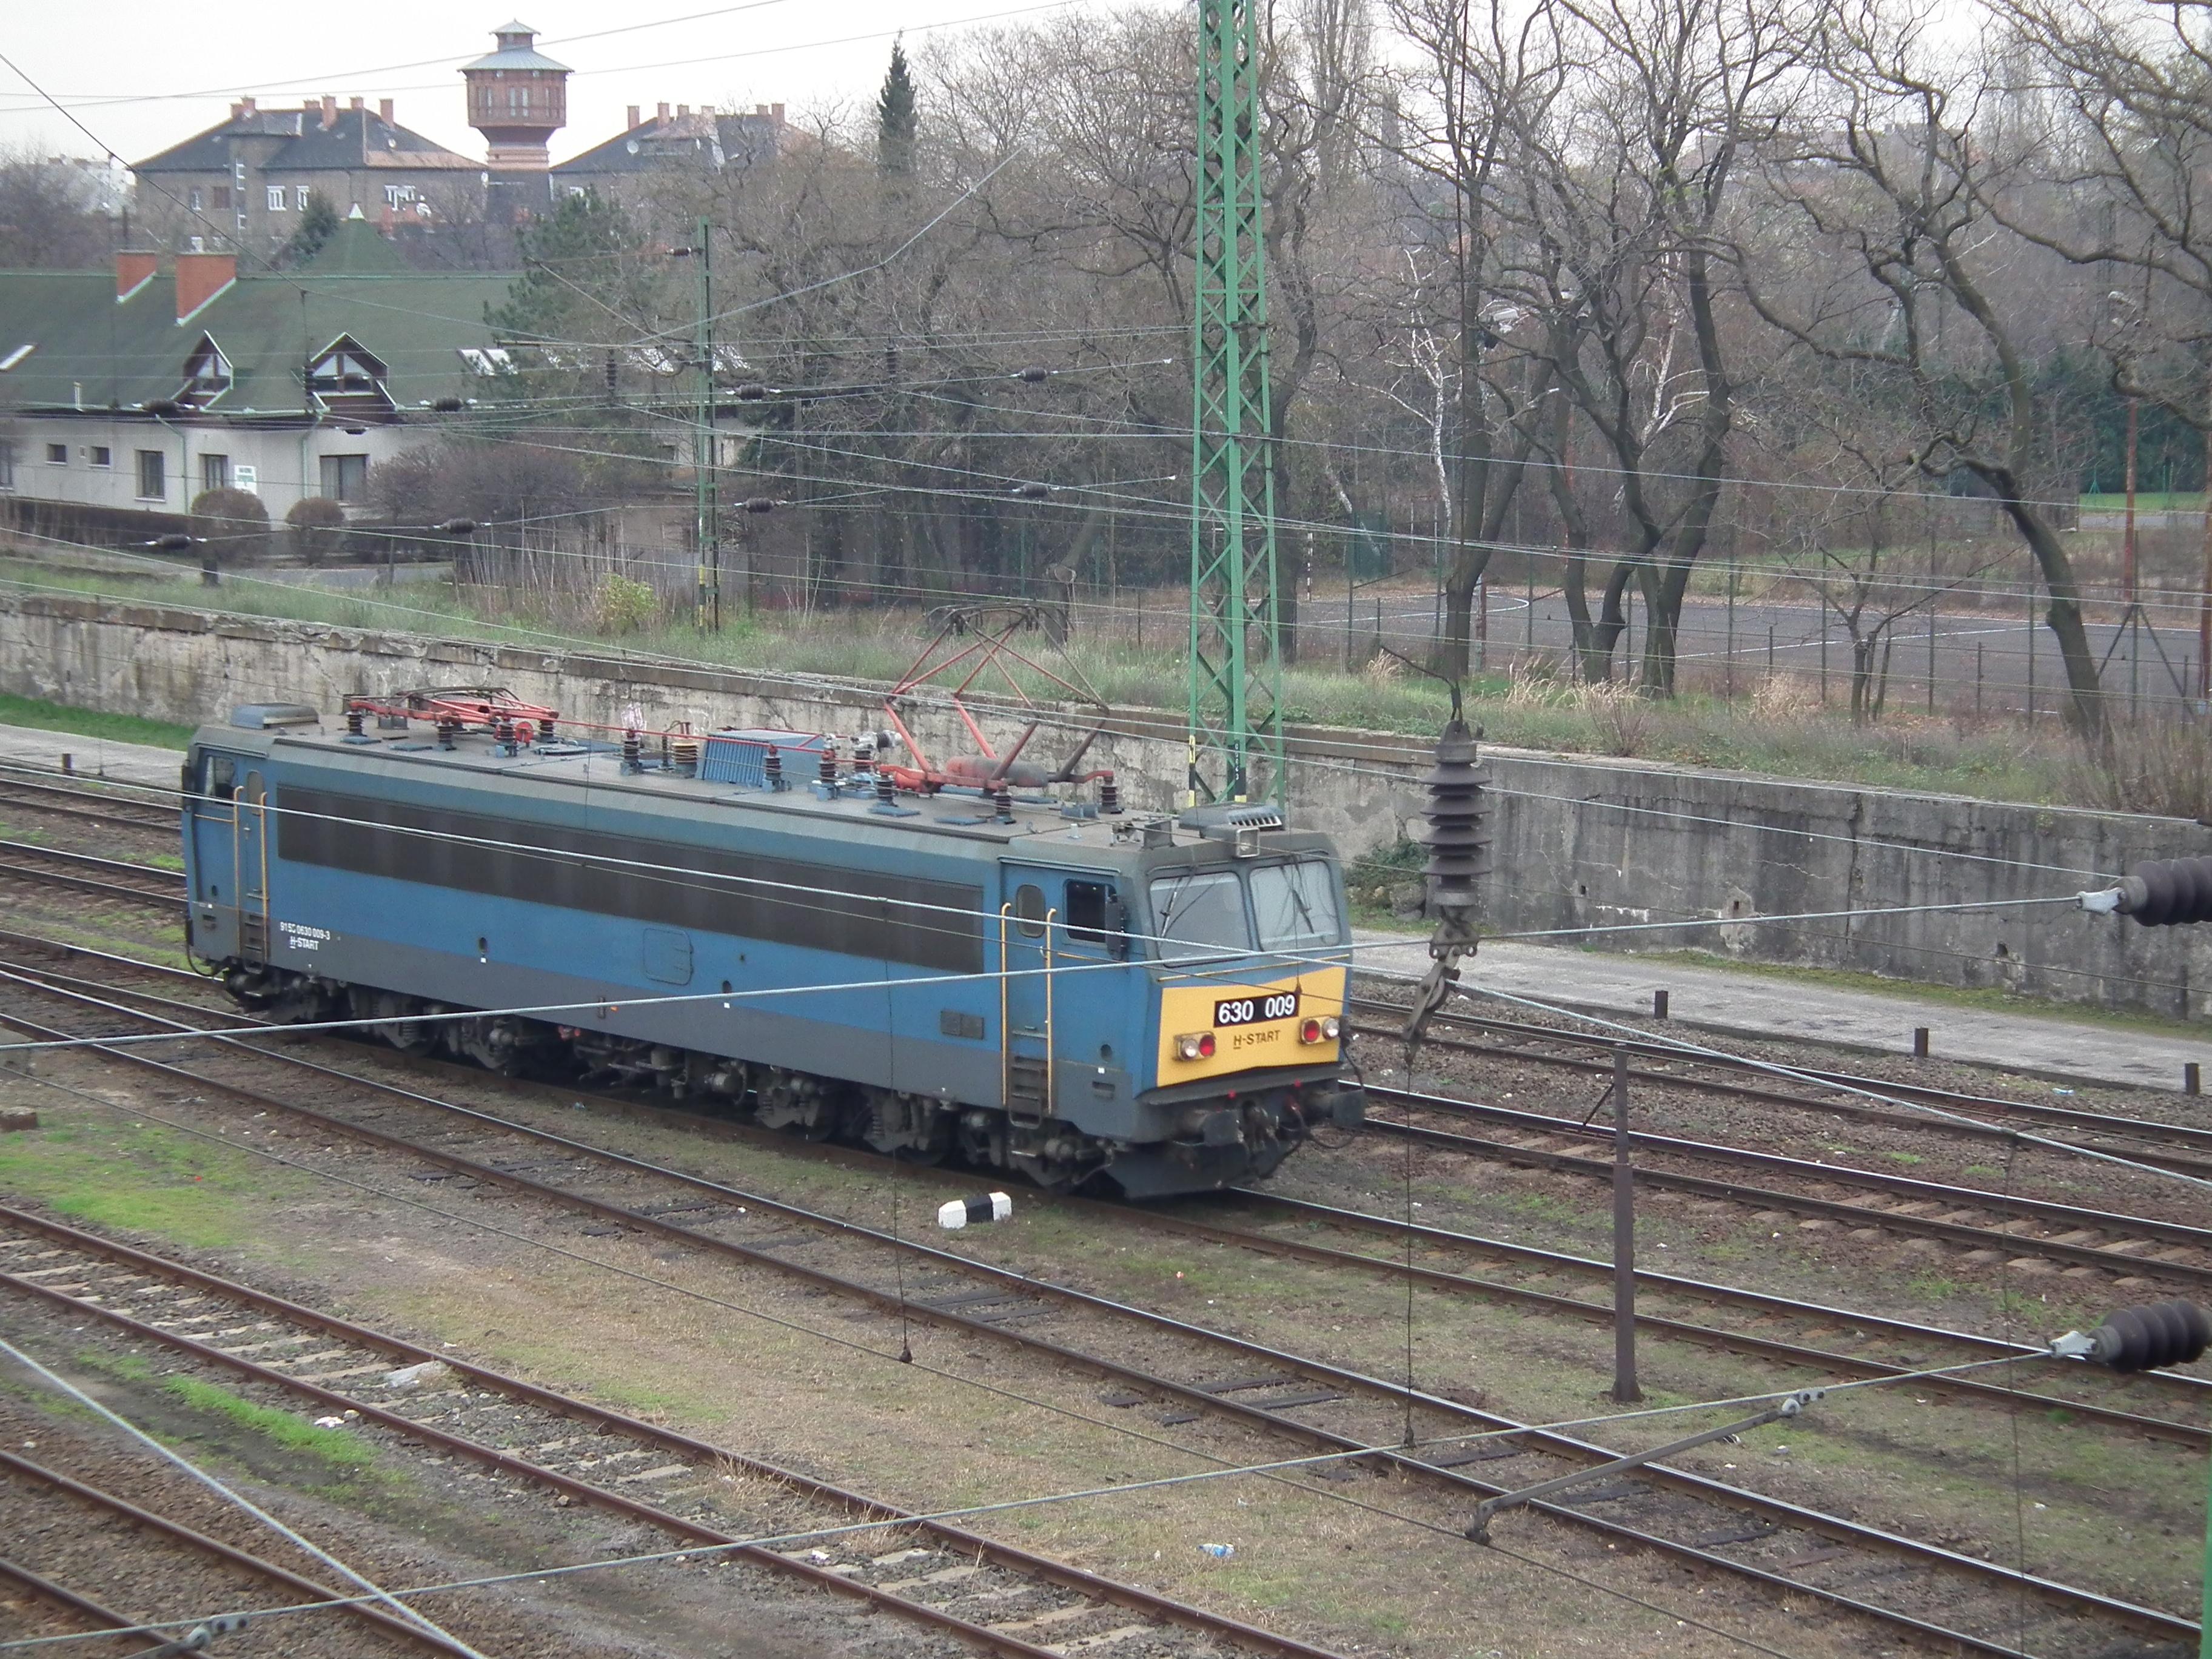 dscf1987.JPG